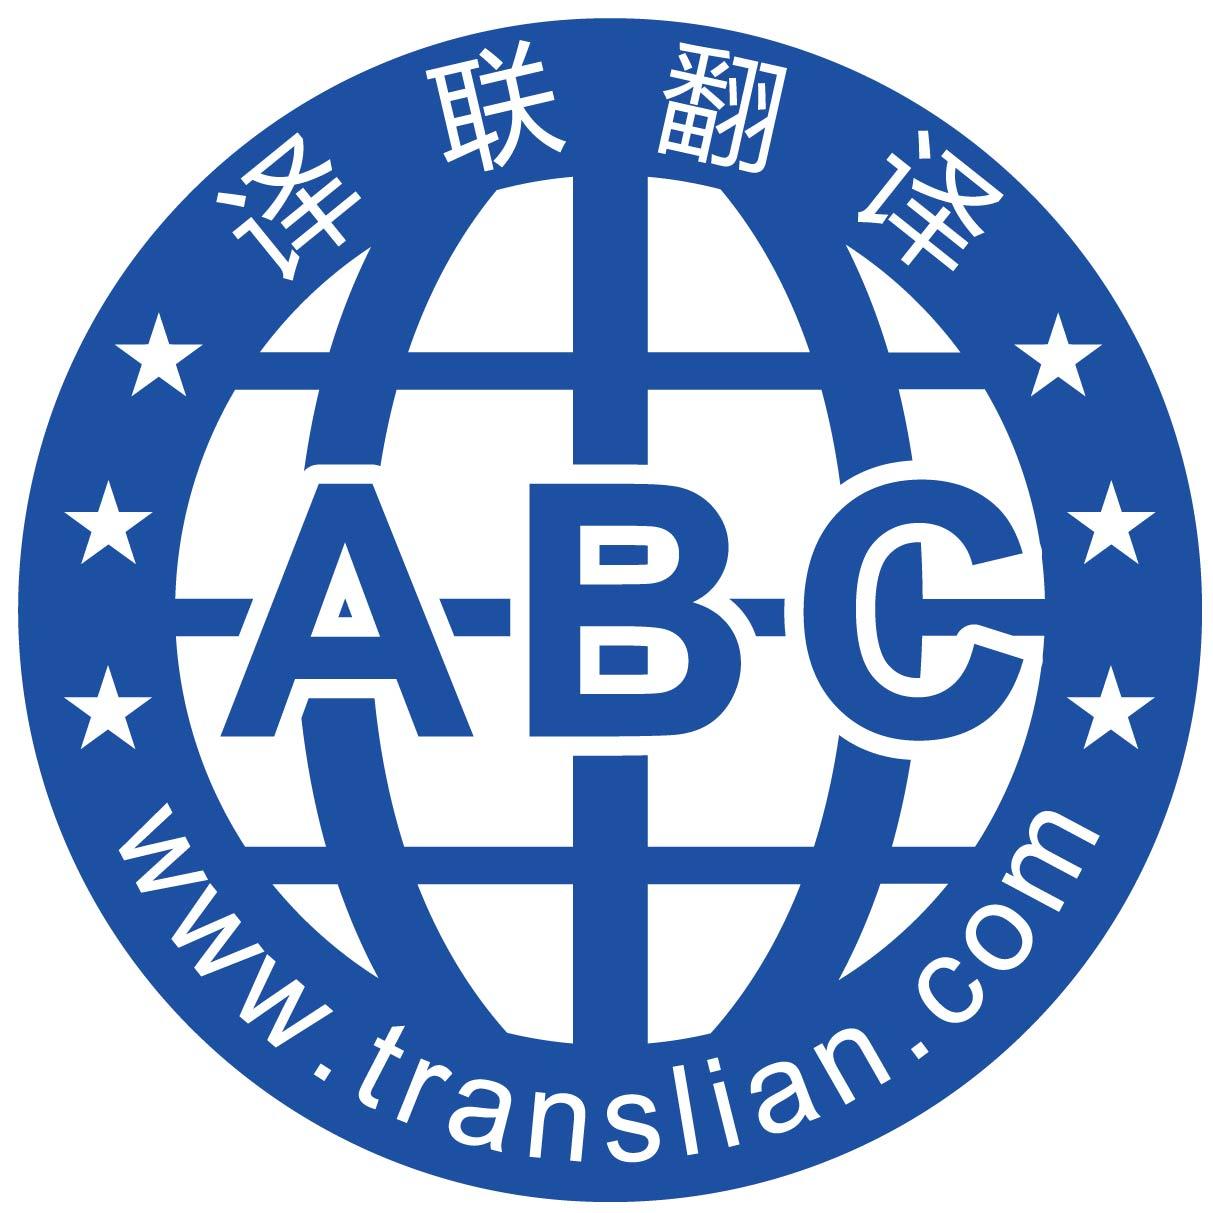 广州译联翻译有限公司黄页_企业简介-传众